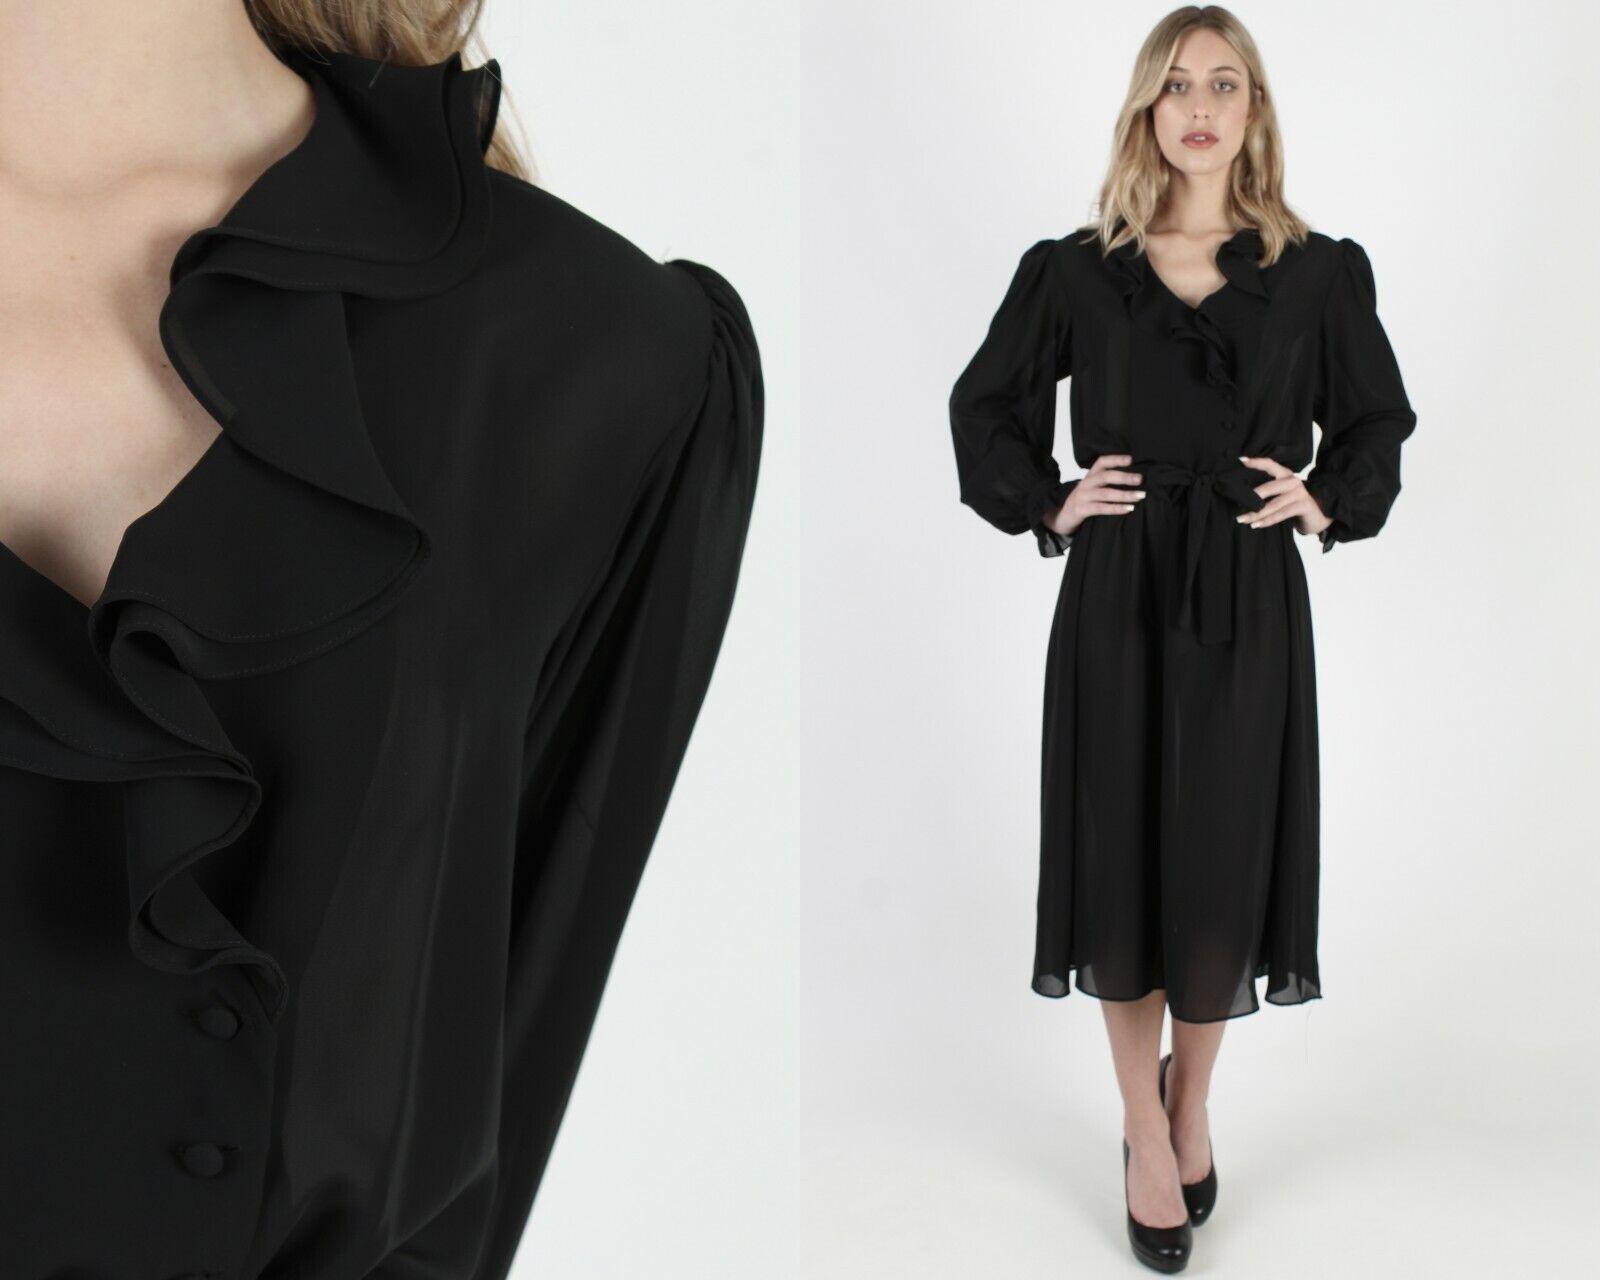 Vtg 80s Black Tuxedo Dress Sheer Ruffle Front Bel… - image 1